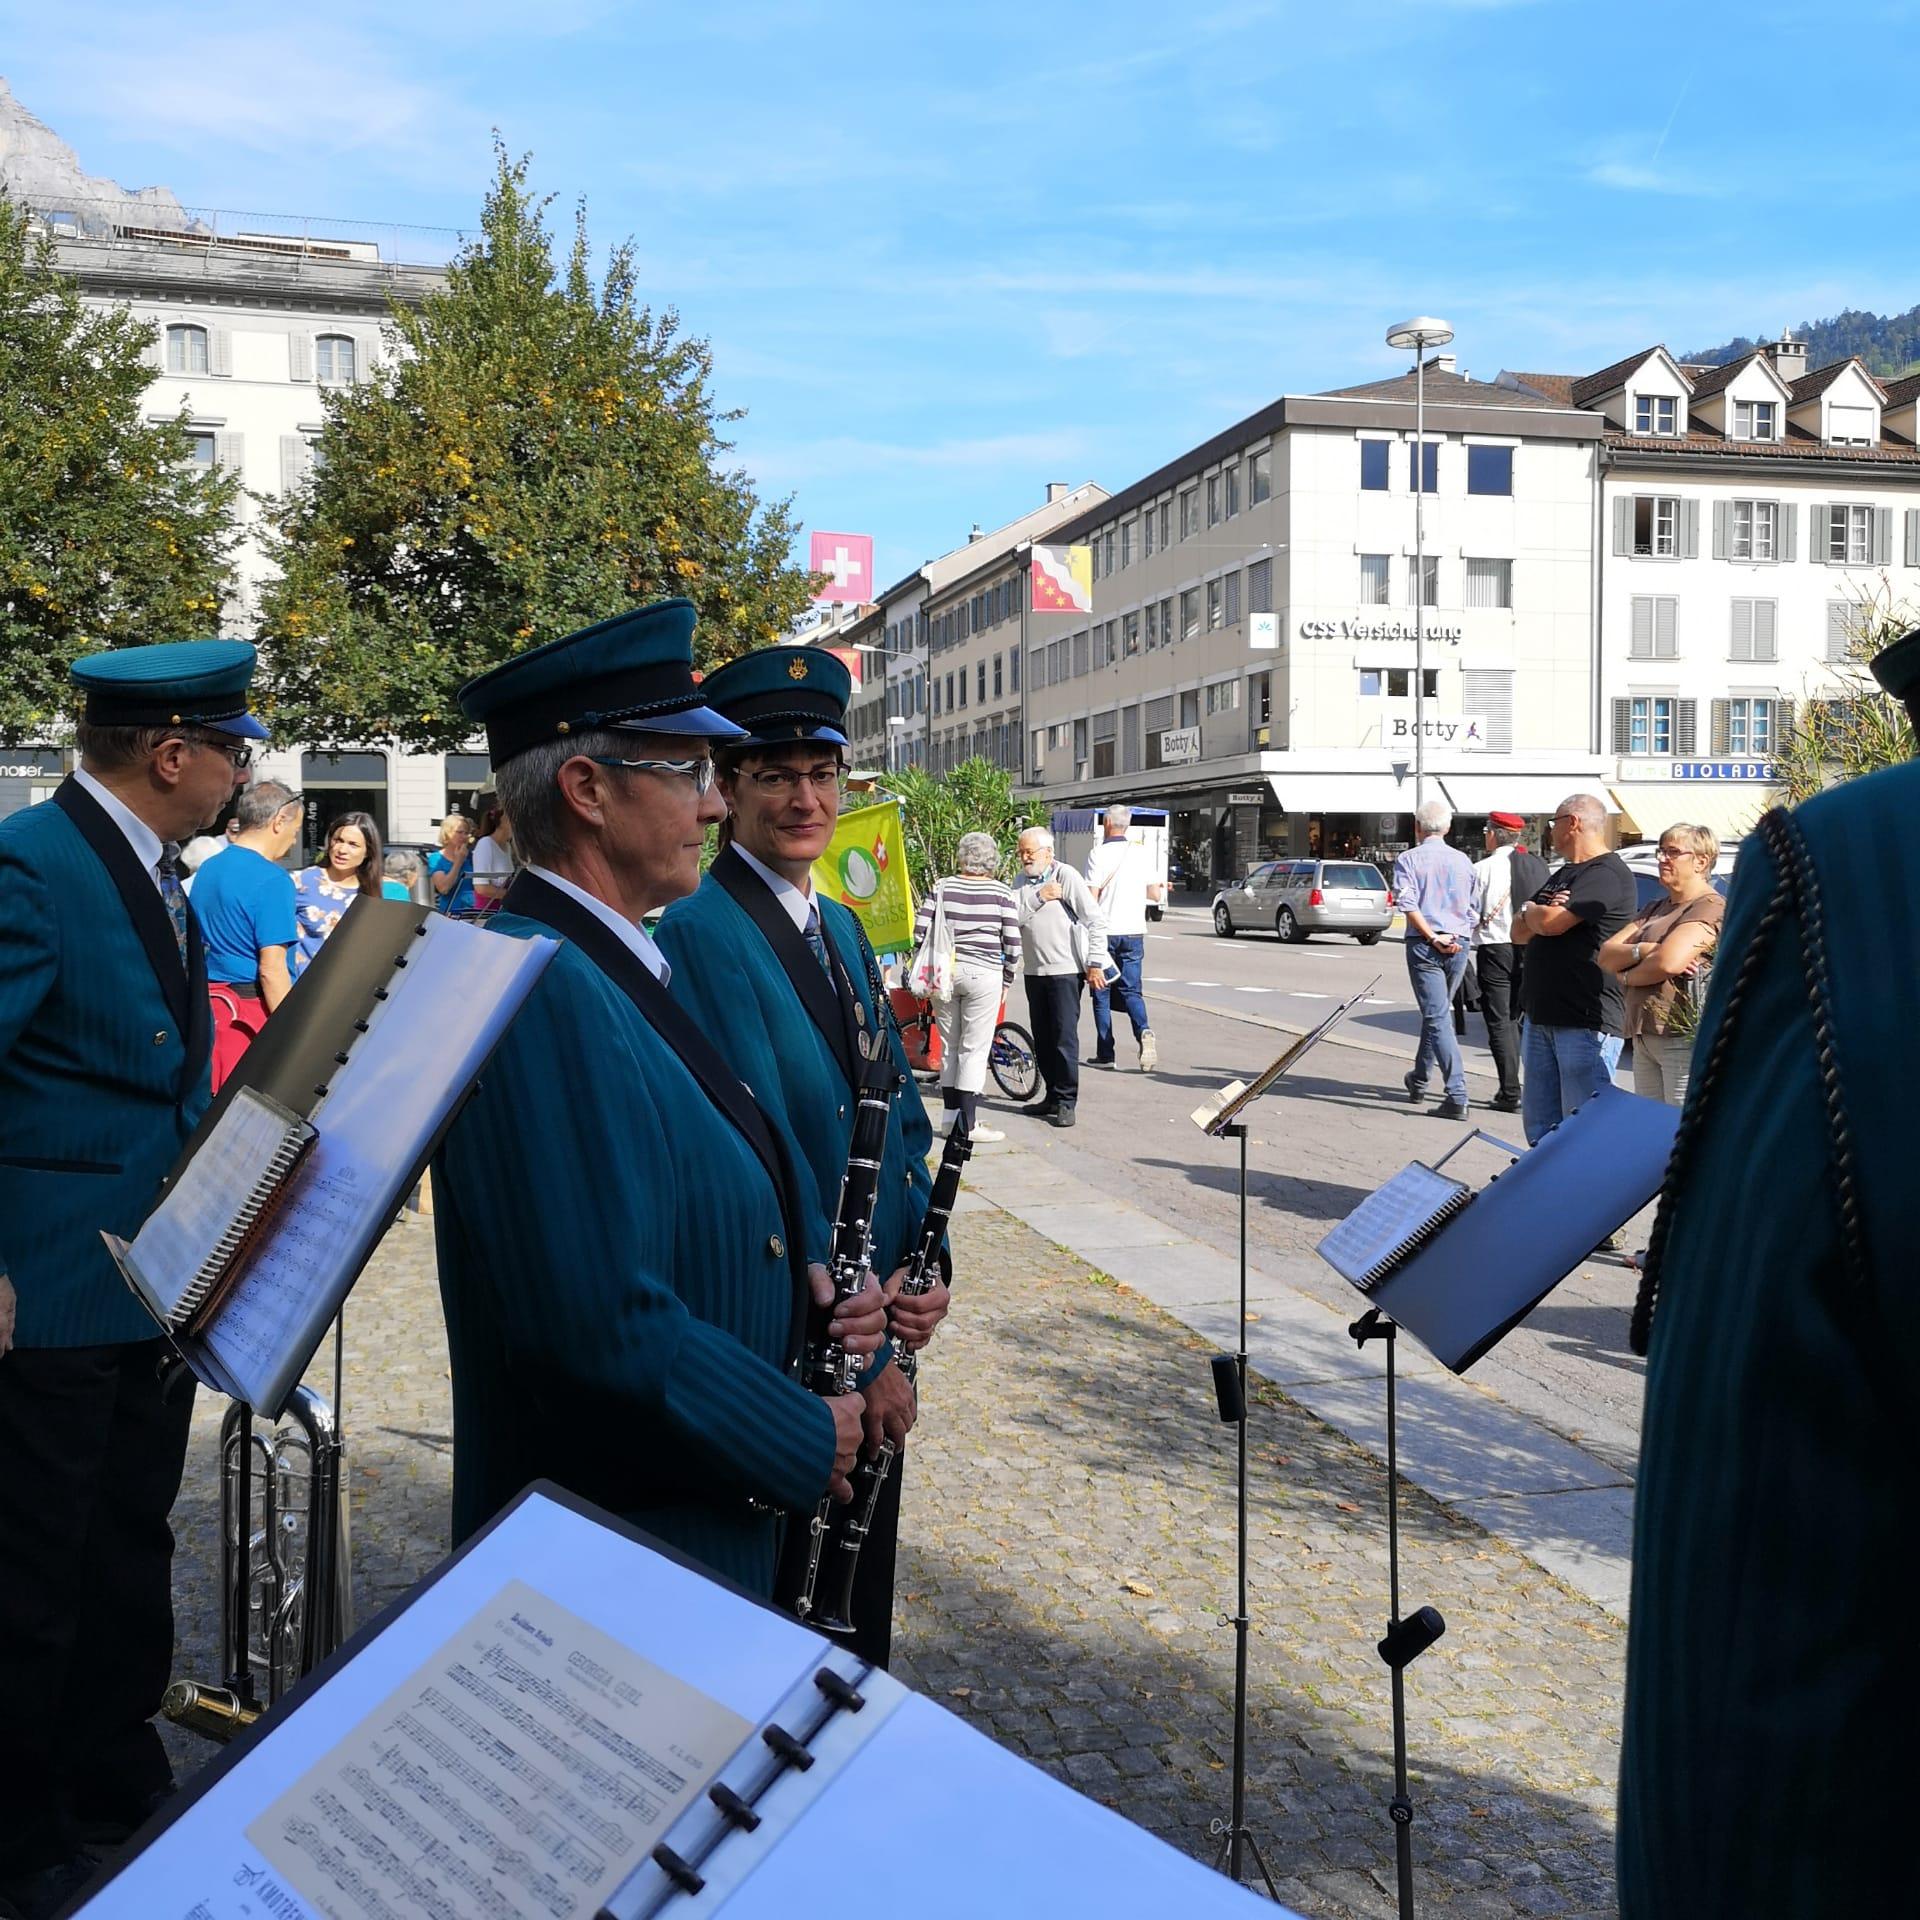 Auch in Glarus herrschte prächtiges Herbstwetter